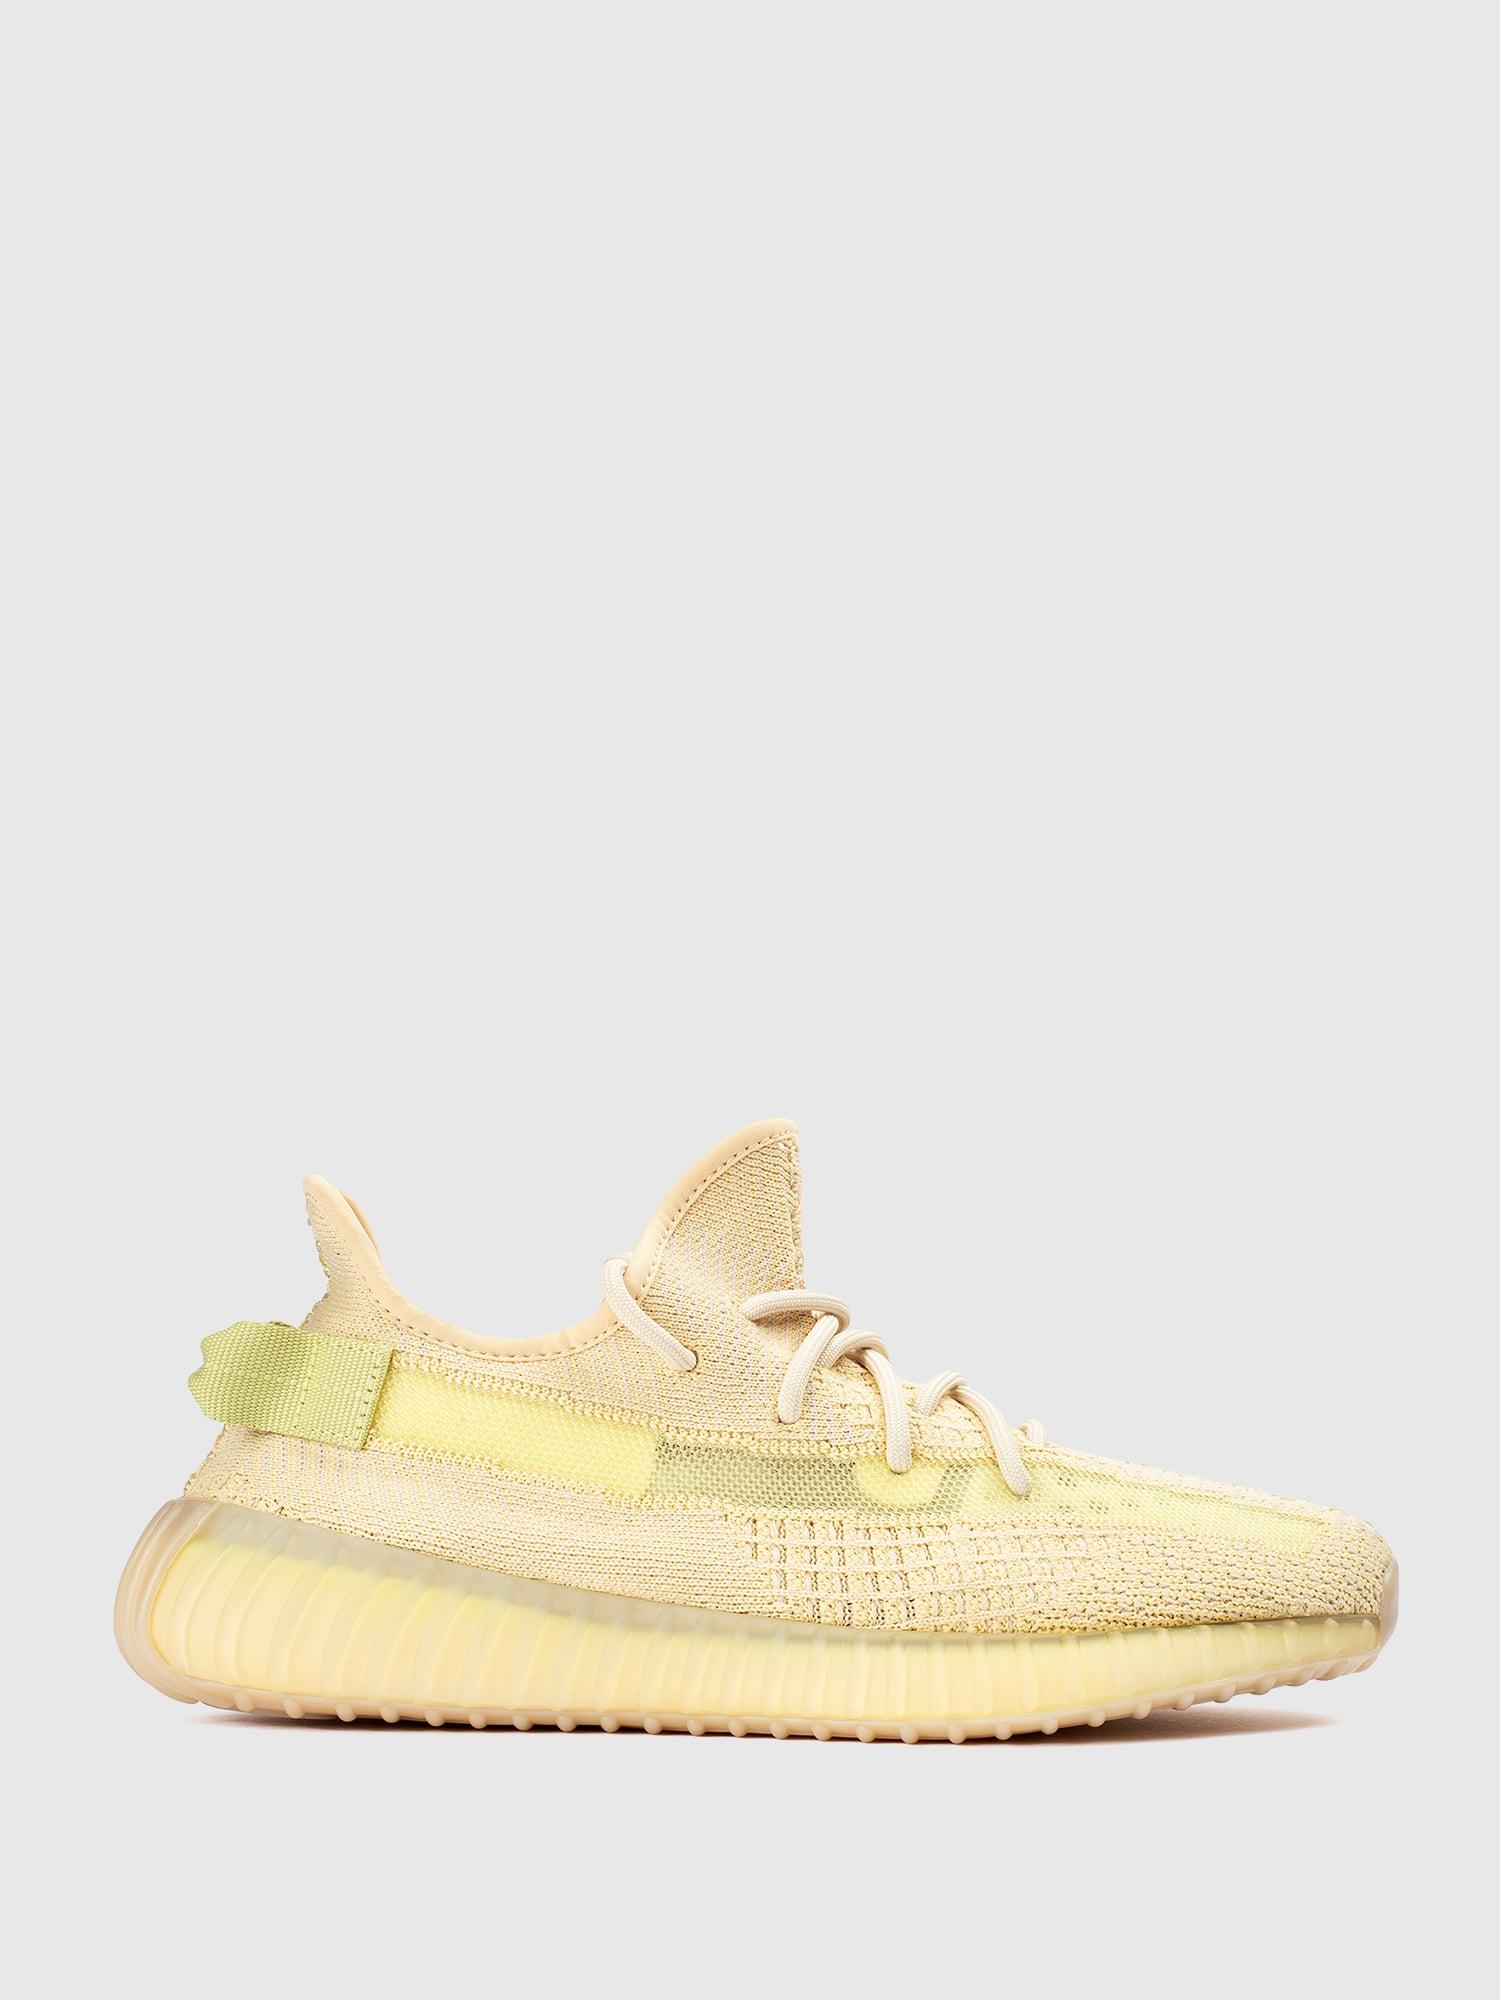 Adidas Yeezy Boost 350 V2 Flax